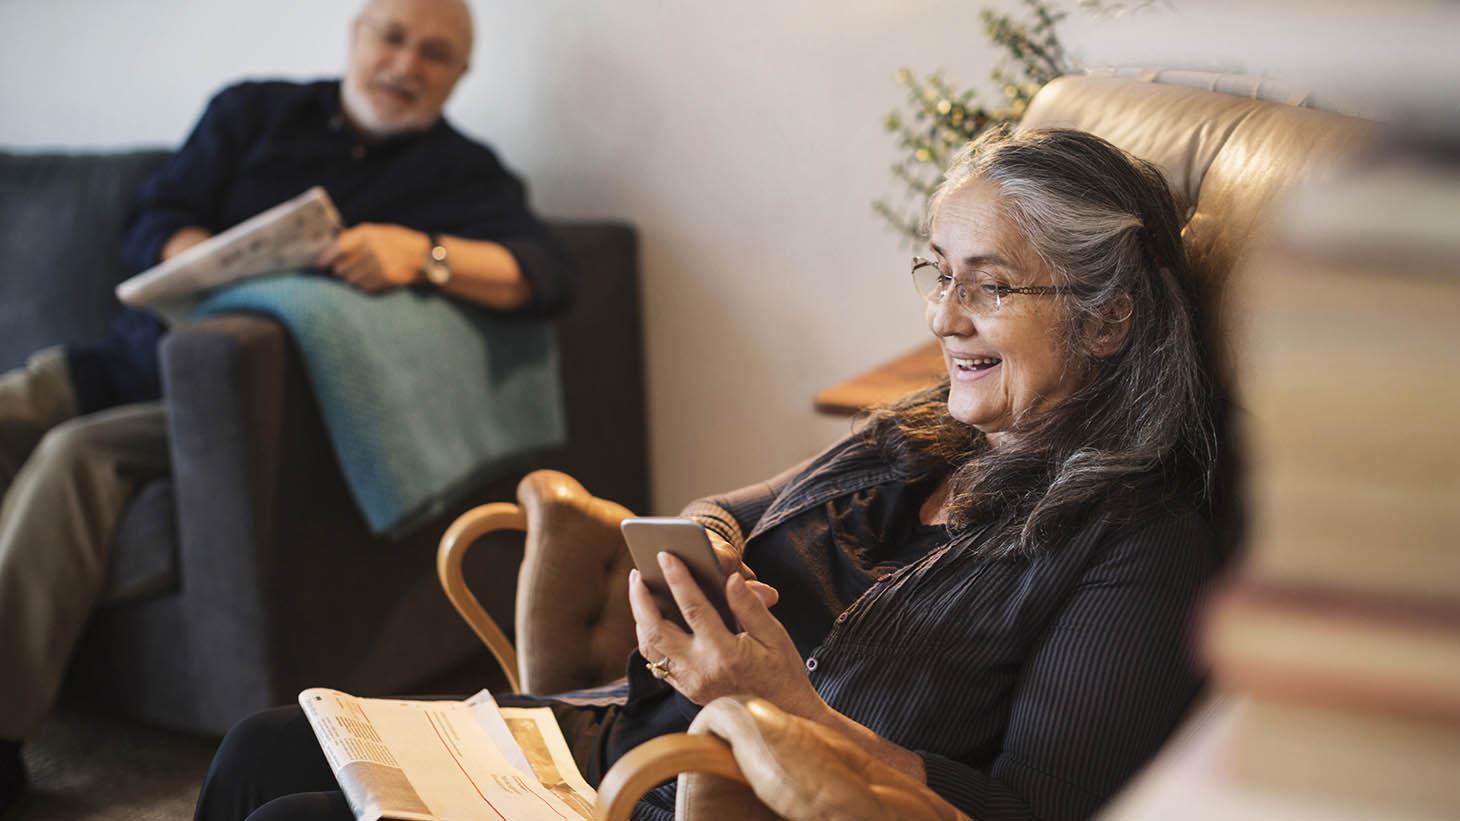 En kvinna sitter i en fåtölj och tittar på sin mobiltelefon